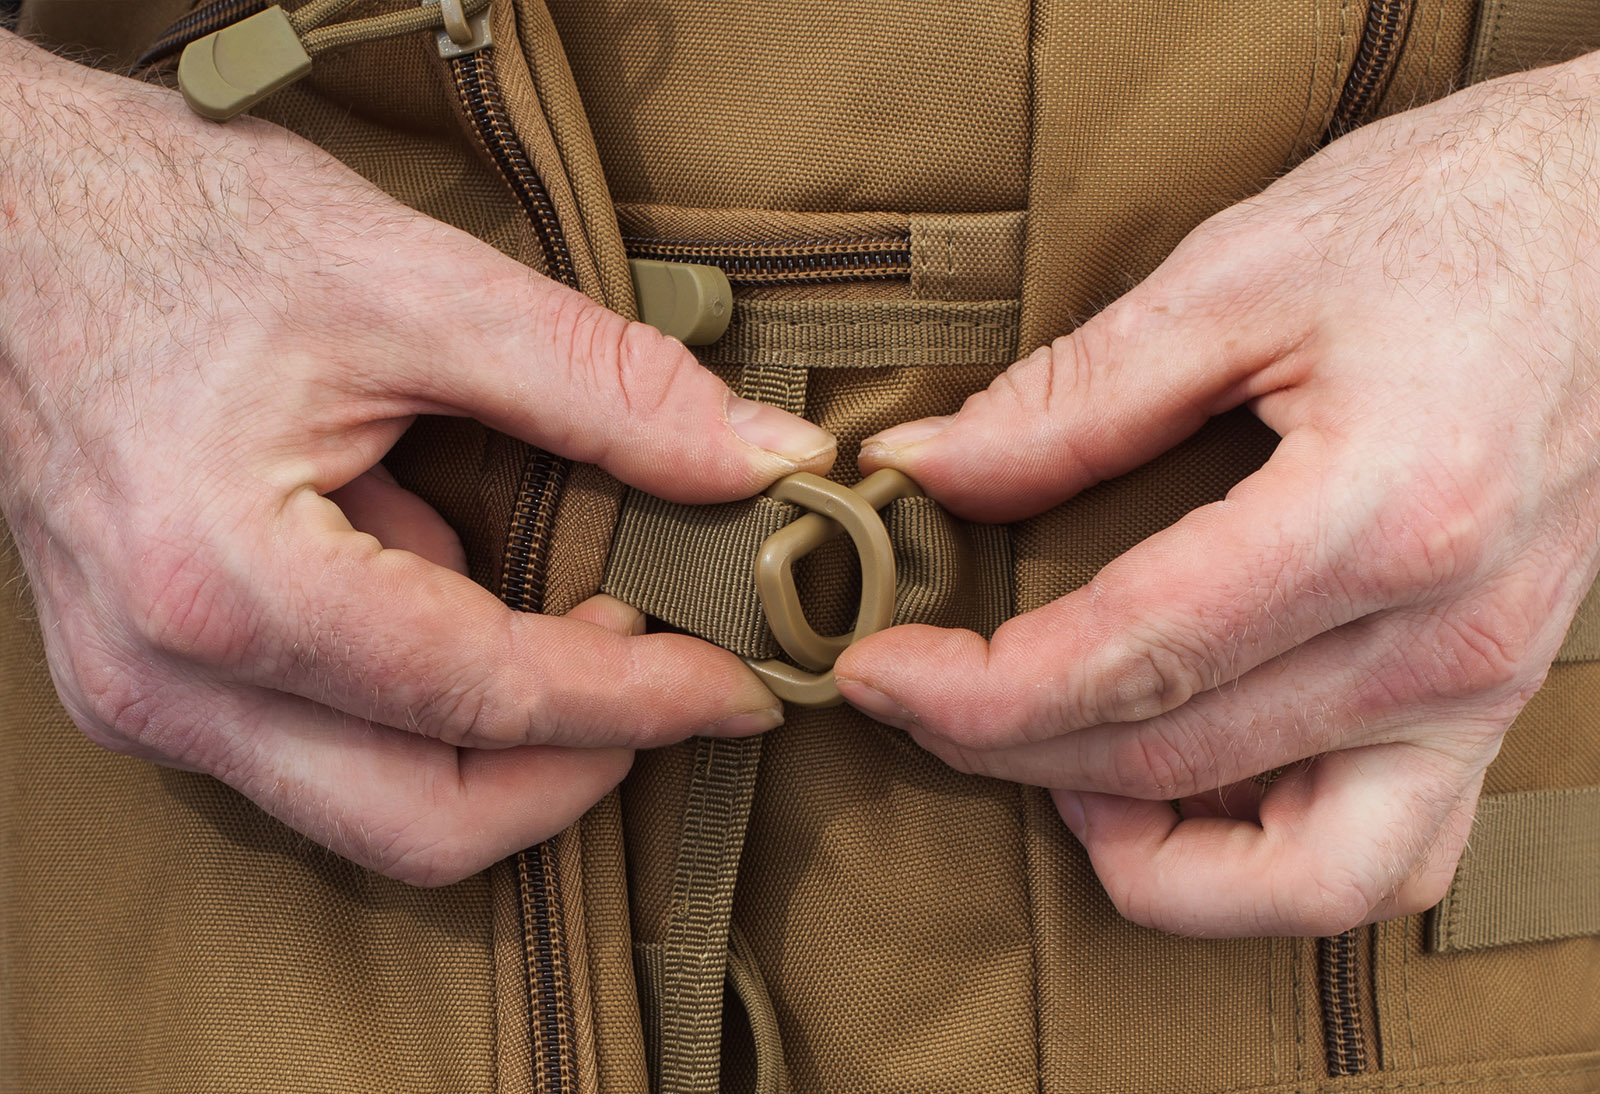 Мужской практичный рюкзак с нашивкой Охотничий Спецназ - купить  онлайн